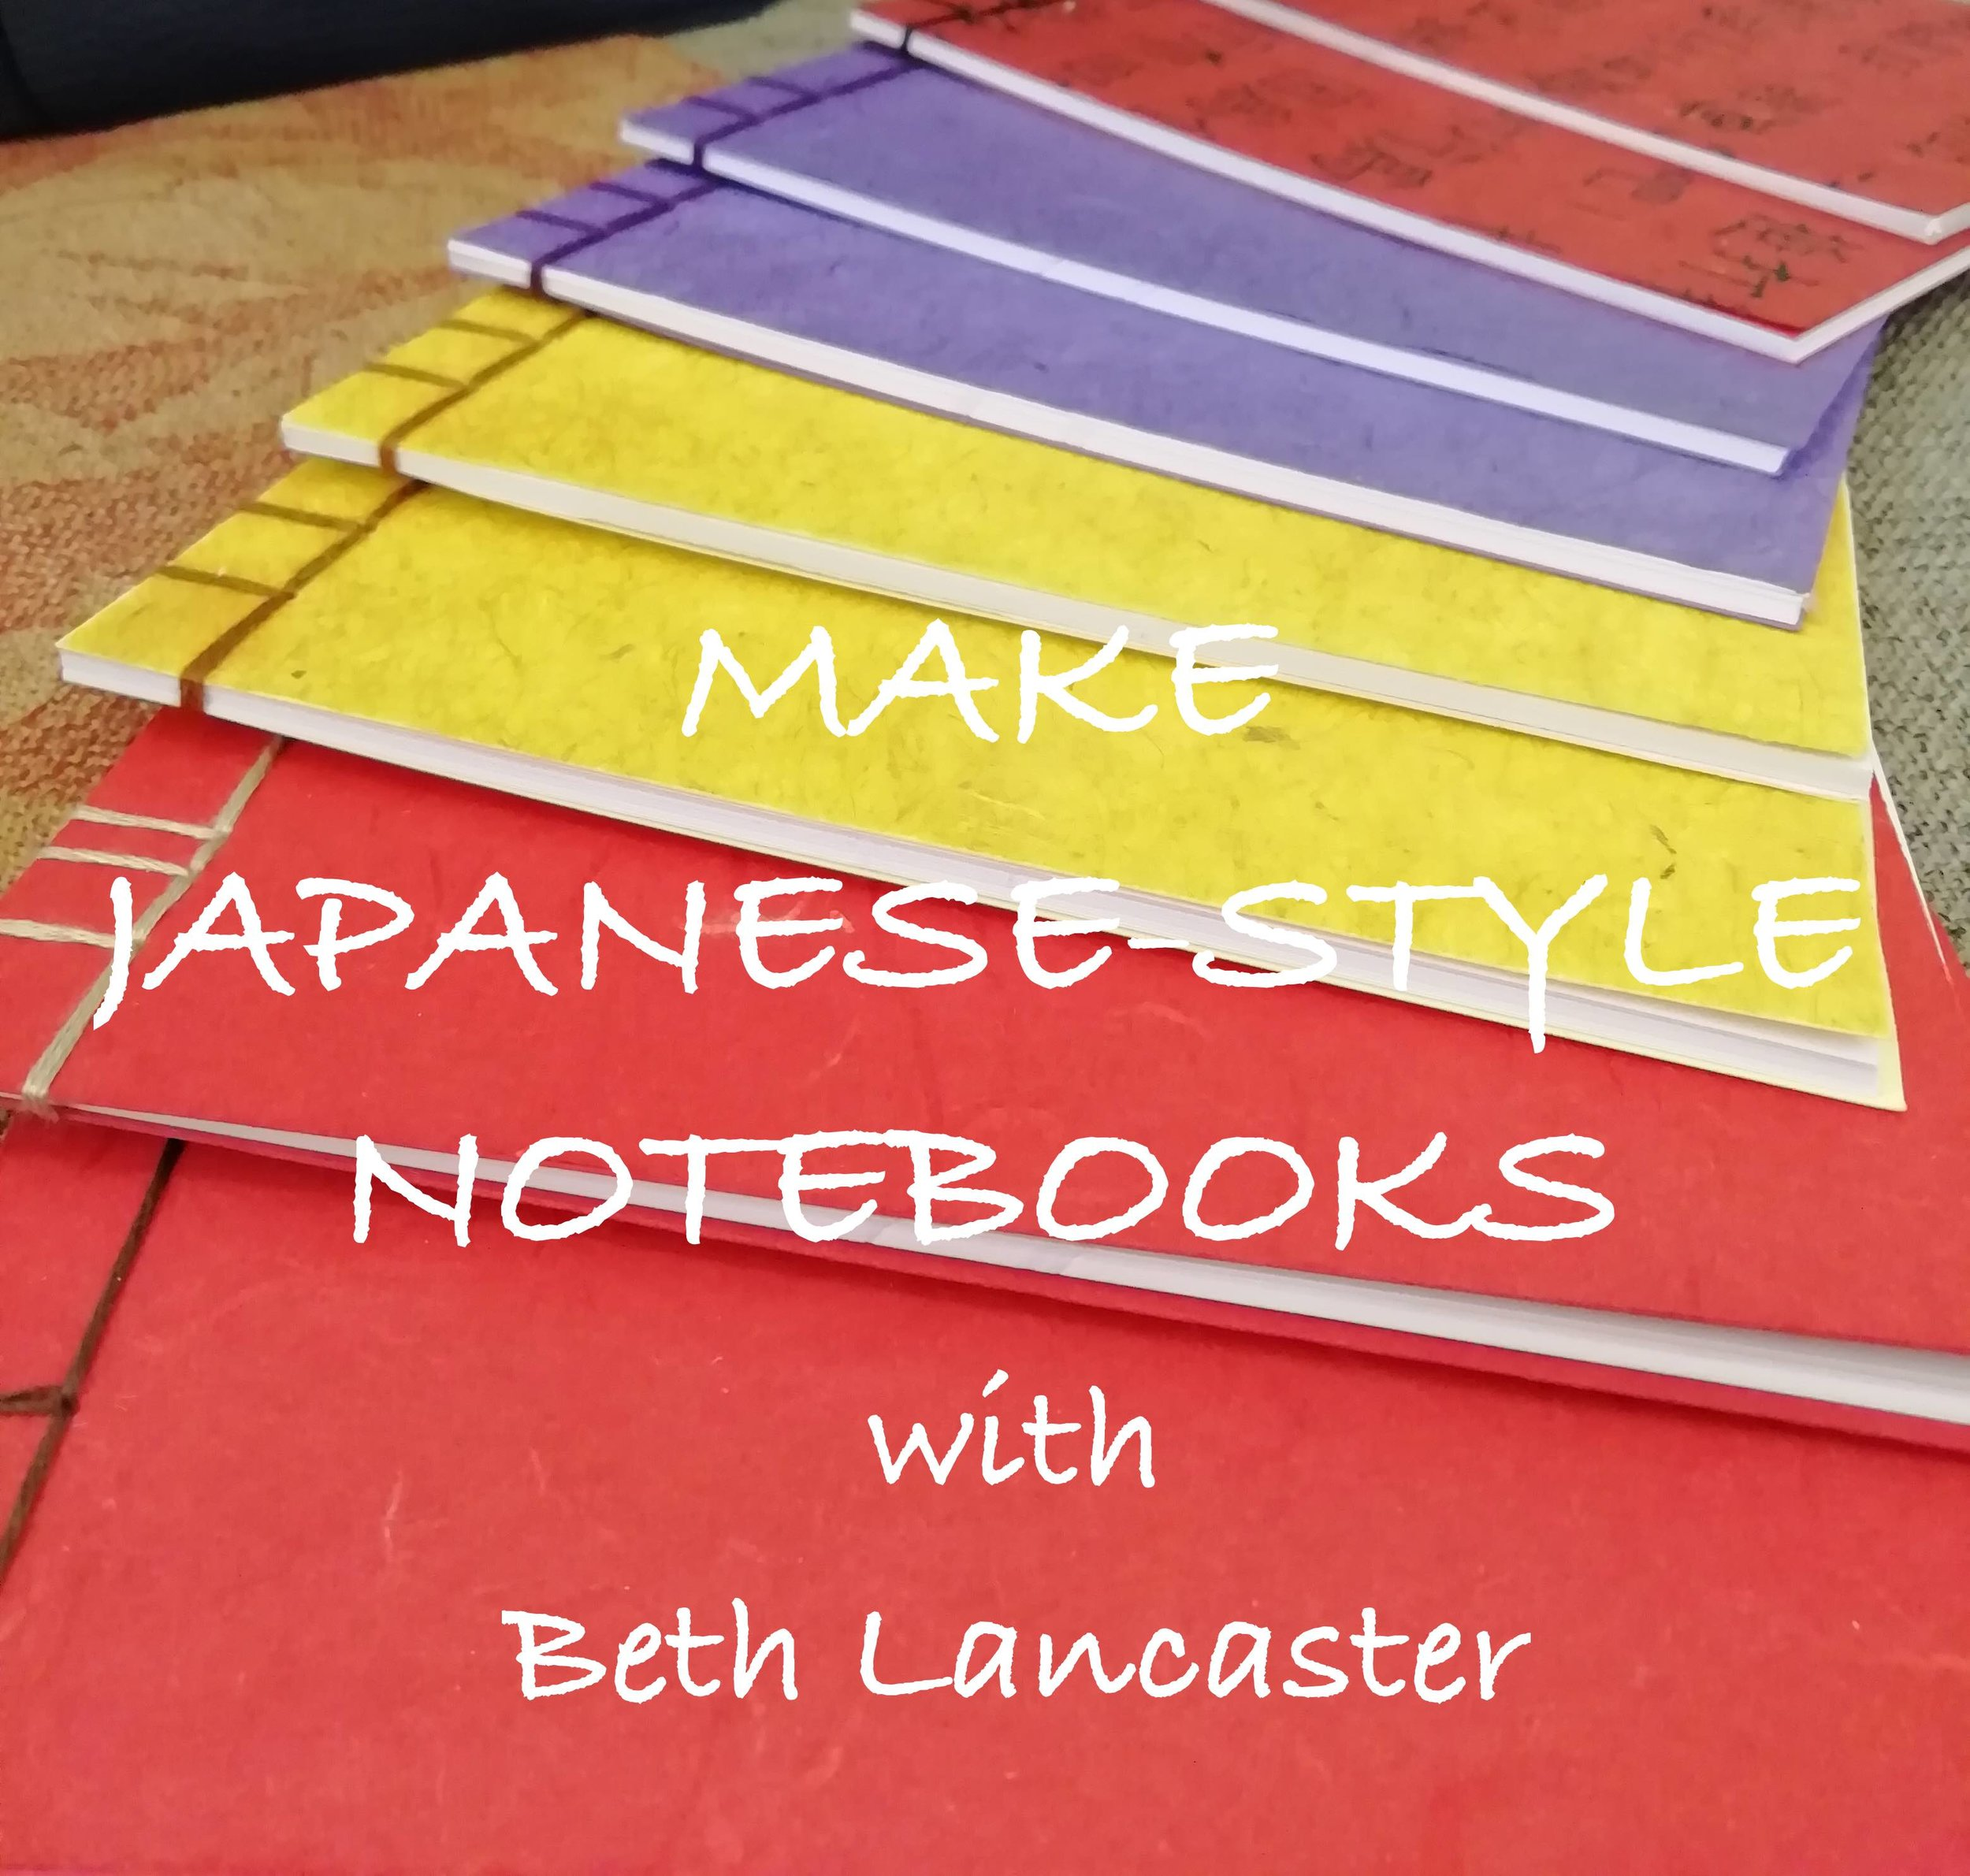 Japenese notebook.jpg